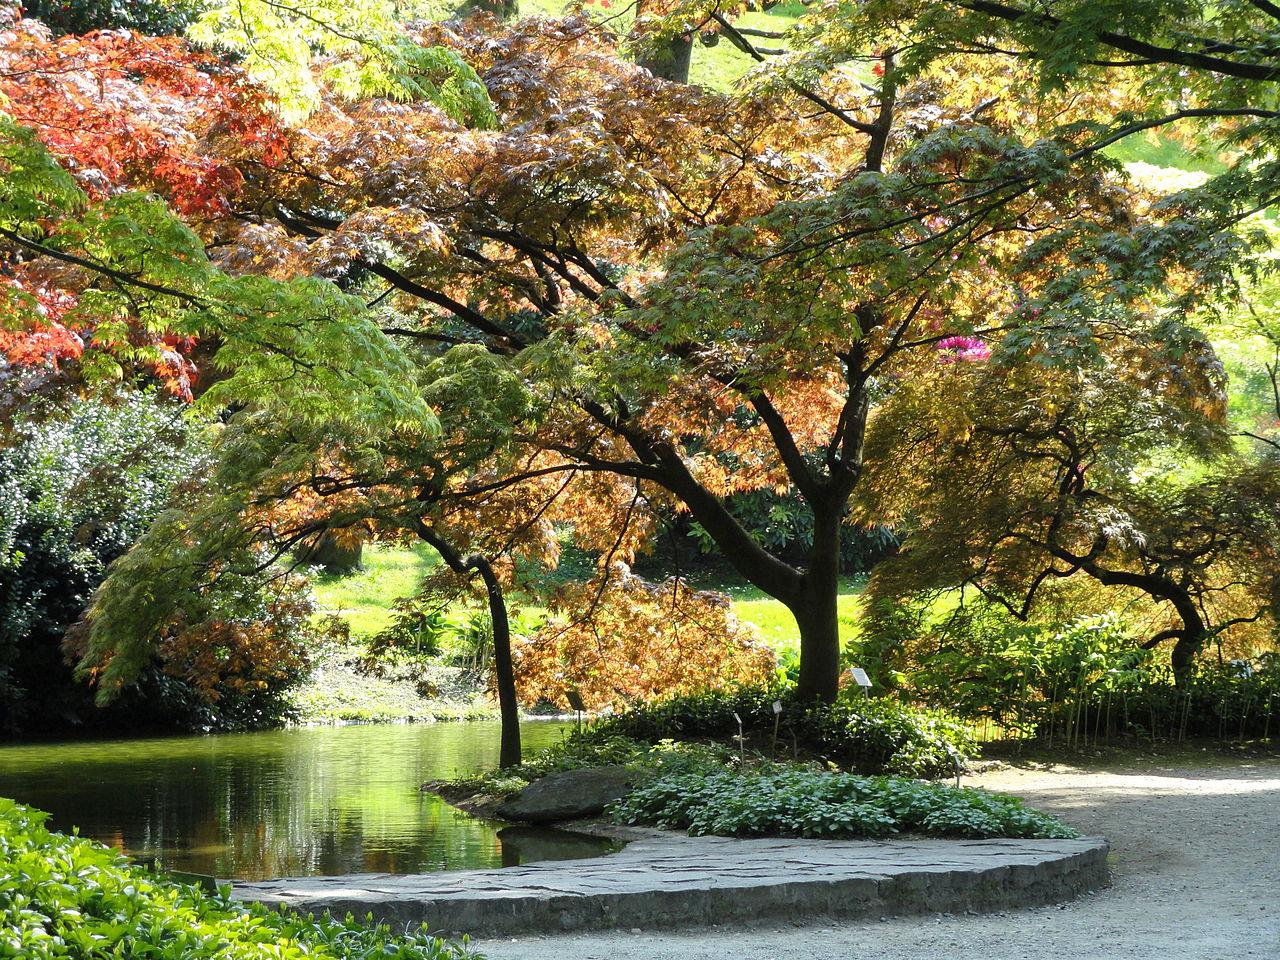 Bellagio, i giardini di Villa Melzi d'Eril